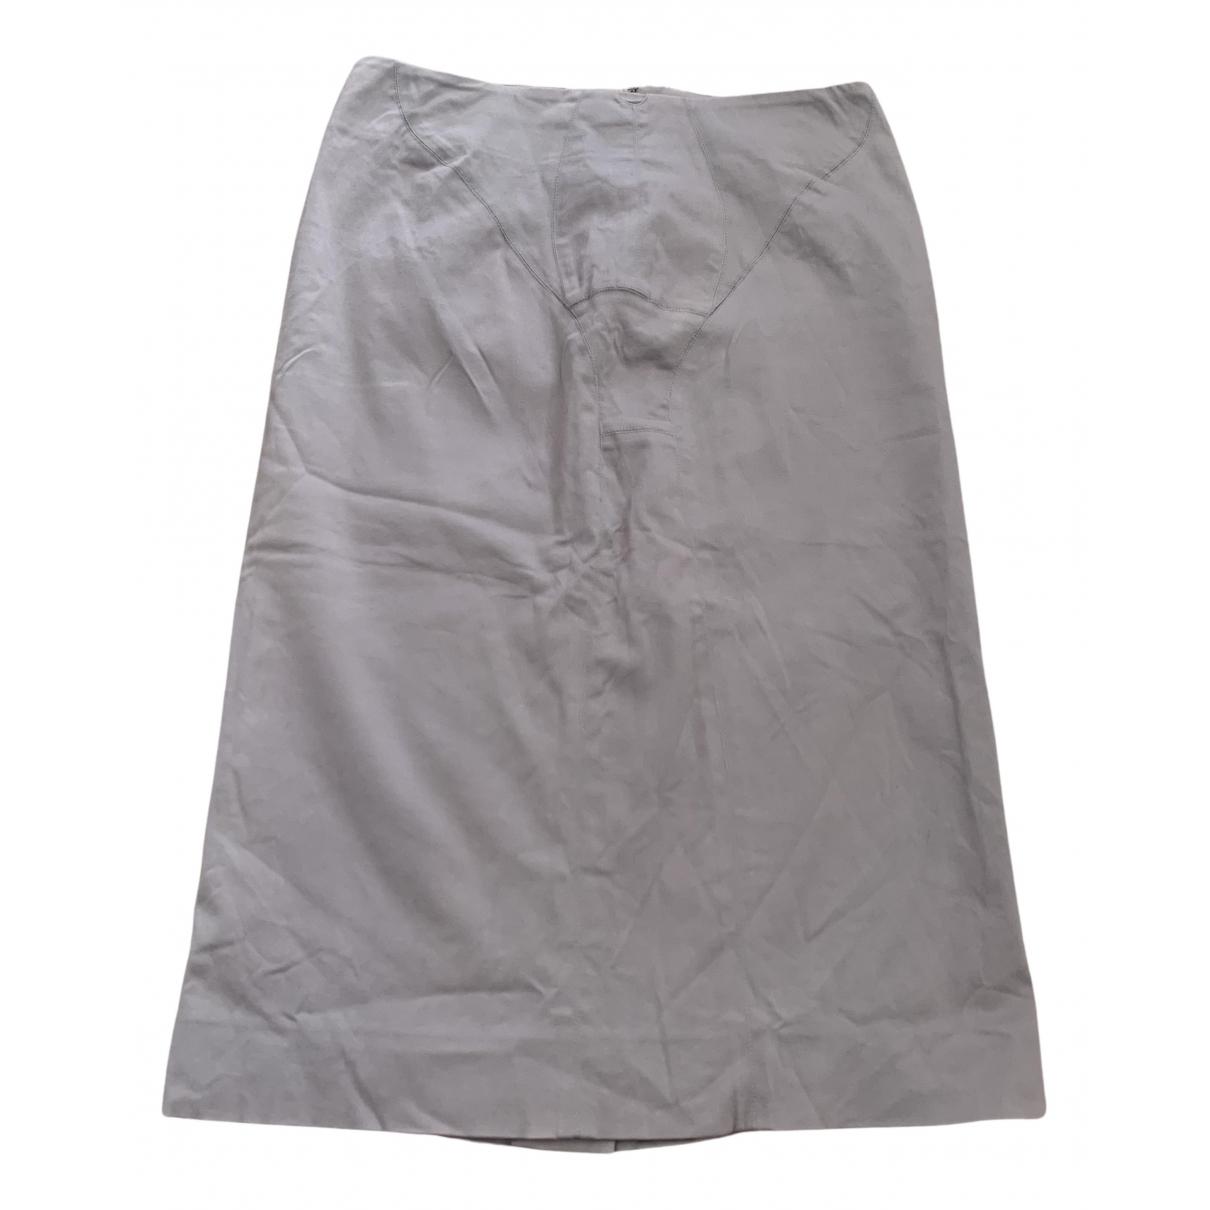 Yves Saint Laurent N Grey Cotton skirt for Women 36 FR